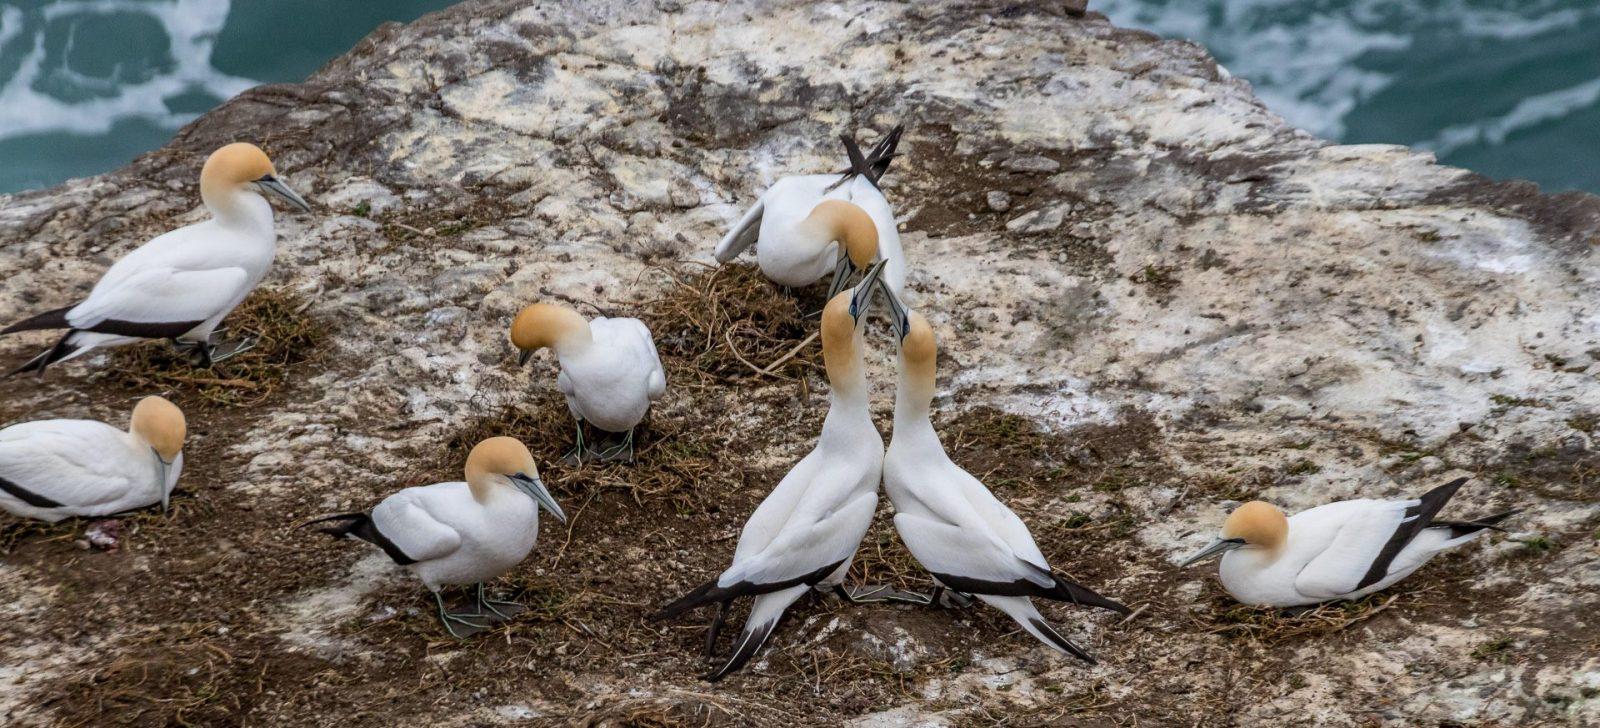 Koncem zimy se terejové vrací z Austrálie na zélandské útesy a začínají námluvy a hnízdění